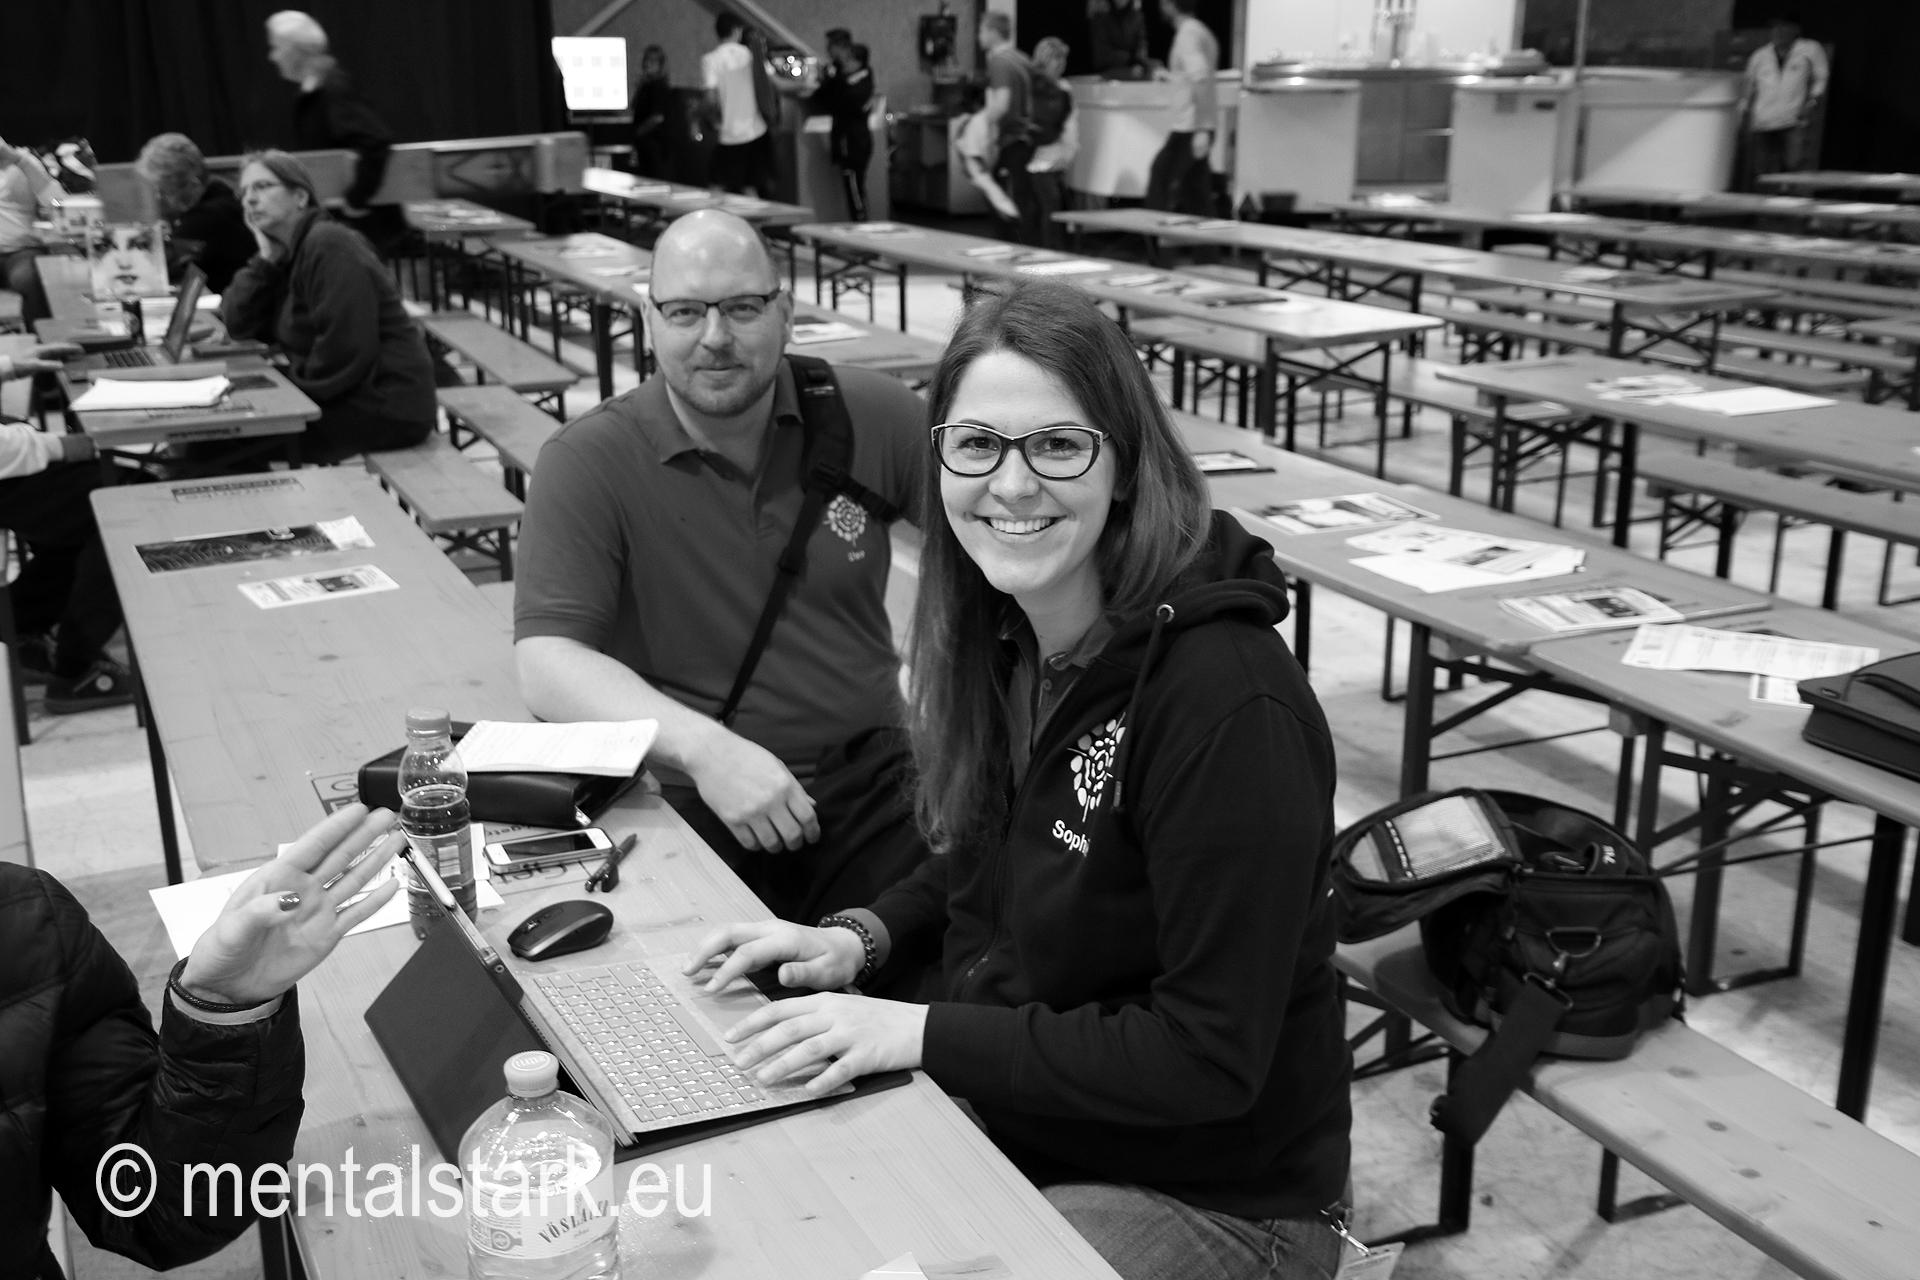 Uwe Gessl & Sophie Pusterhofer bei der Pressearbeit